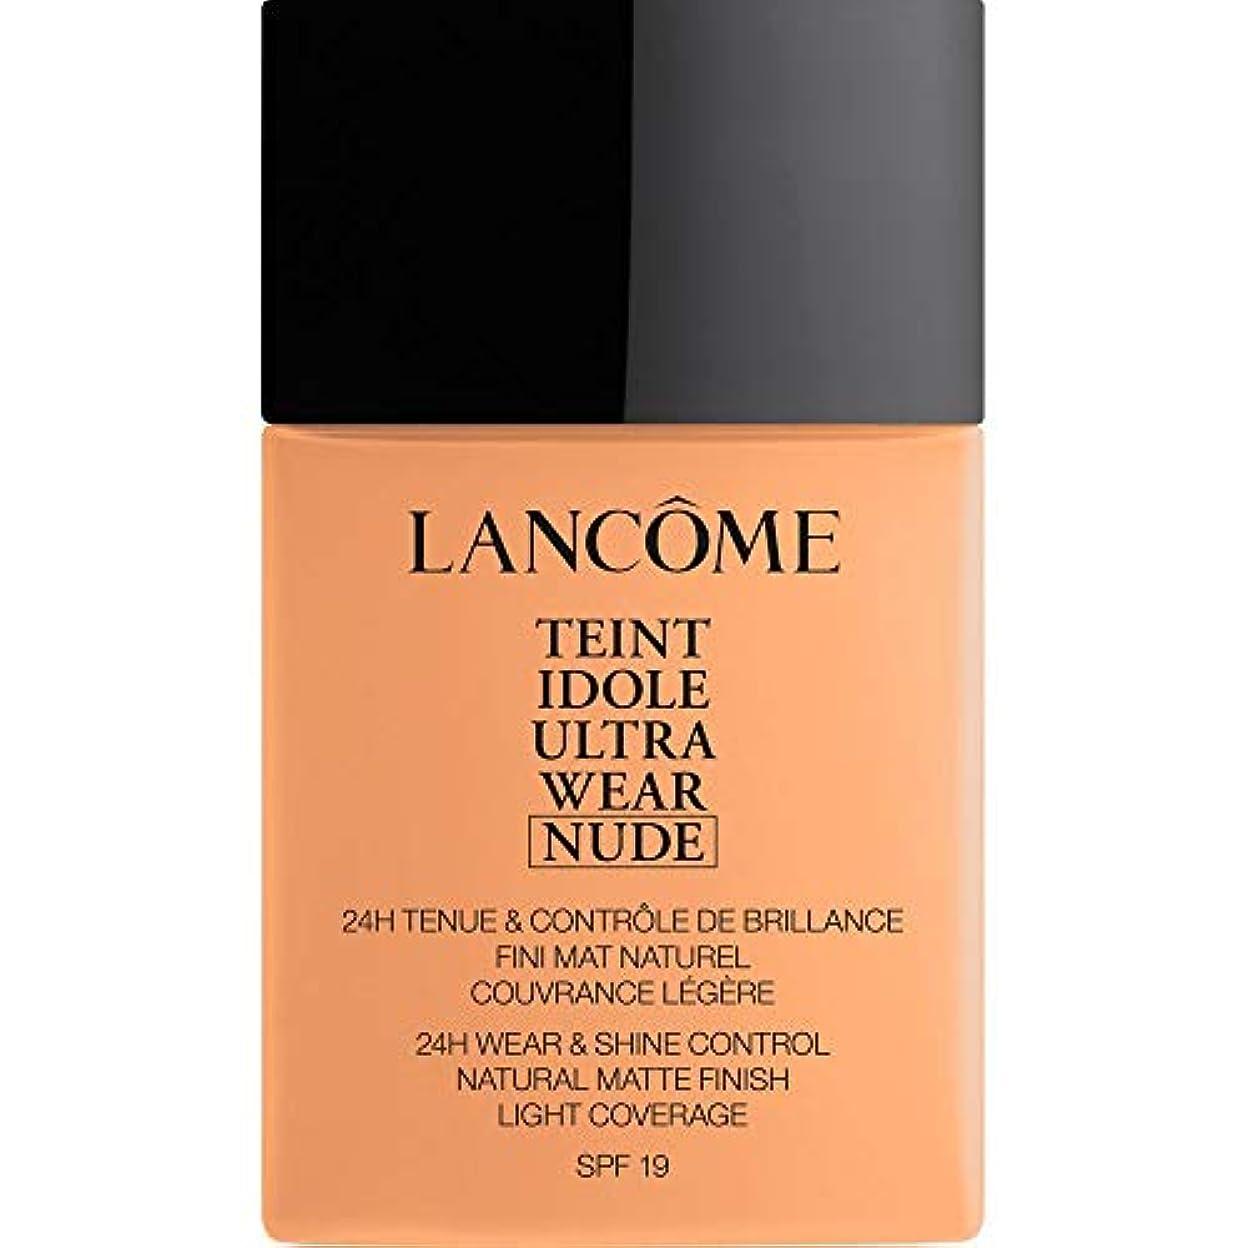 十分ですモード番号[Lanc?me ] ランコムTeintのIdole超摩耗ヌード財団Spf19の40ミリリットル049 - ベージュのPeche - Lancome Teint Idole Ultra Wear Nude Foundation...